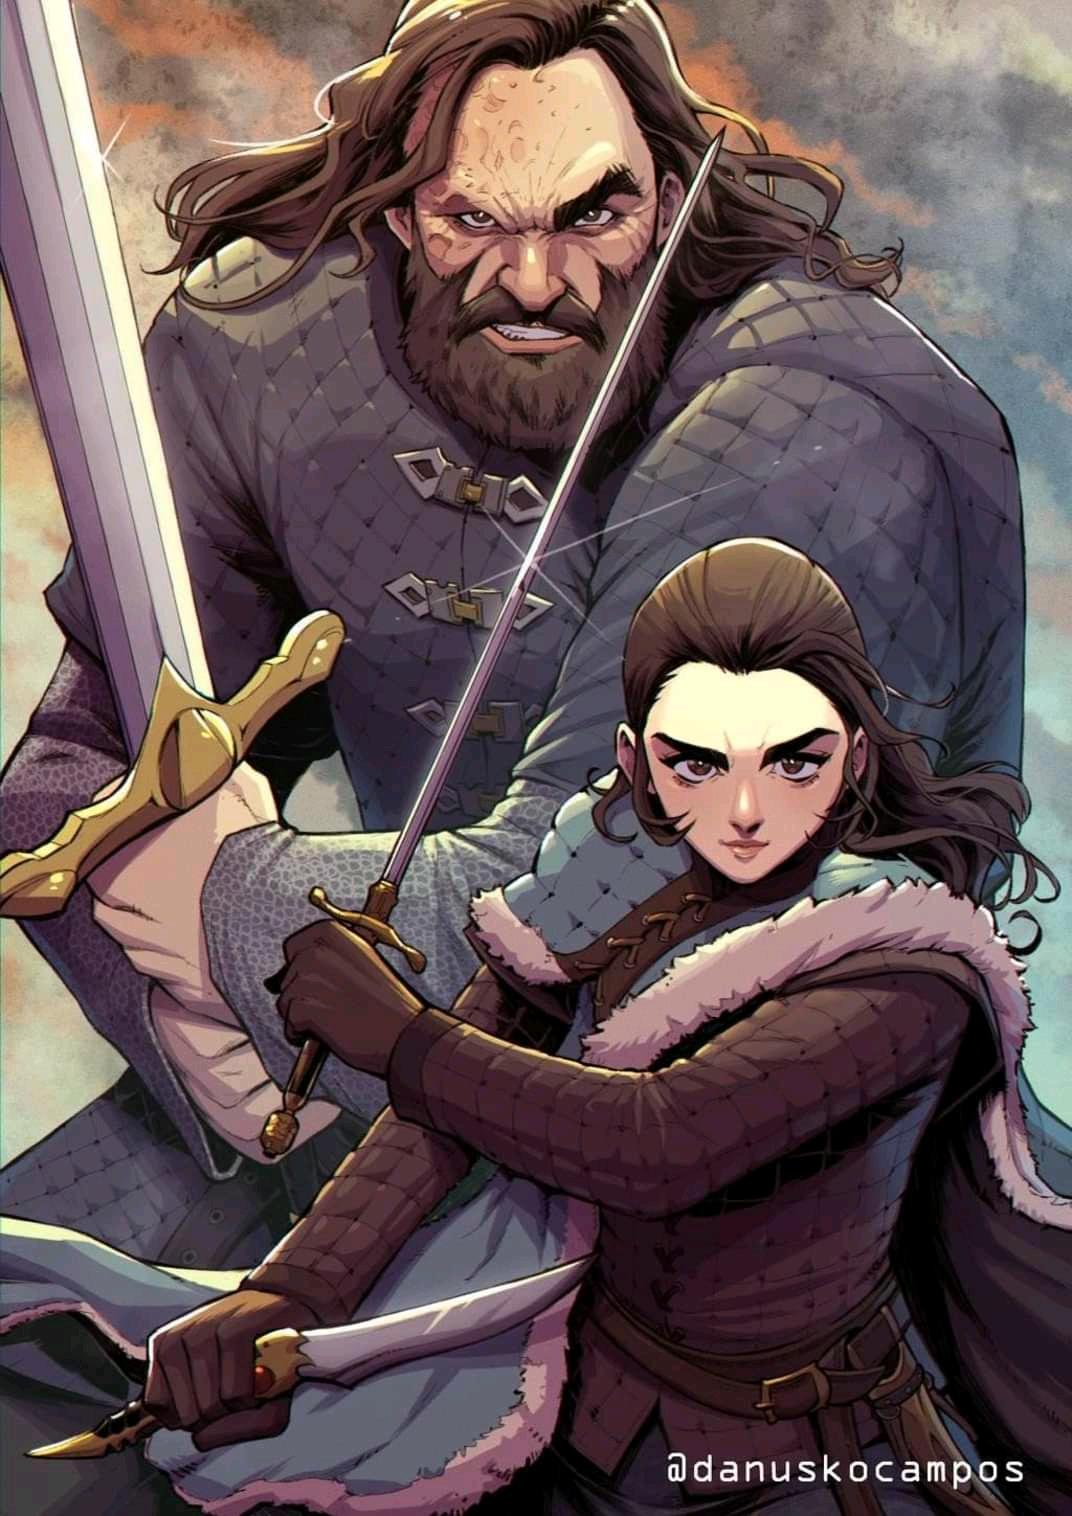 Arya and Hound duo